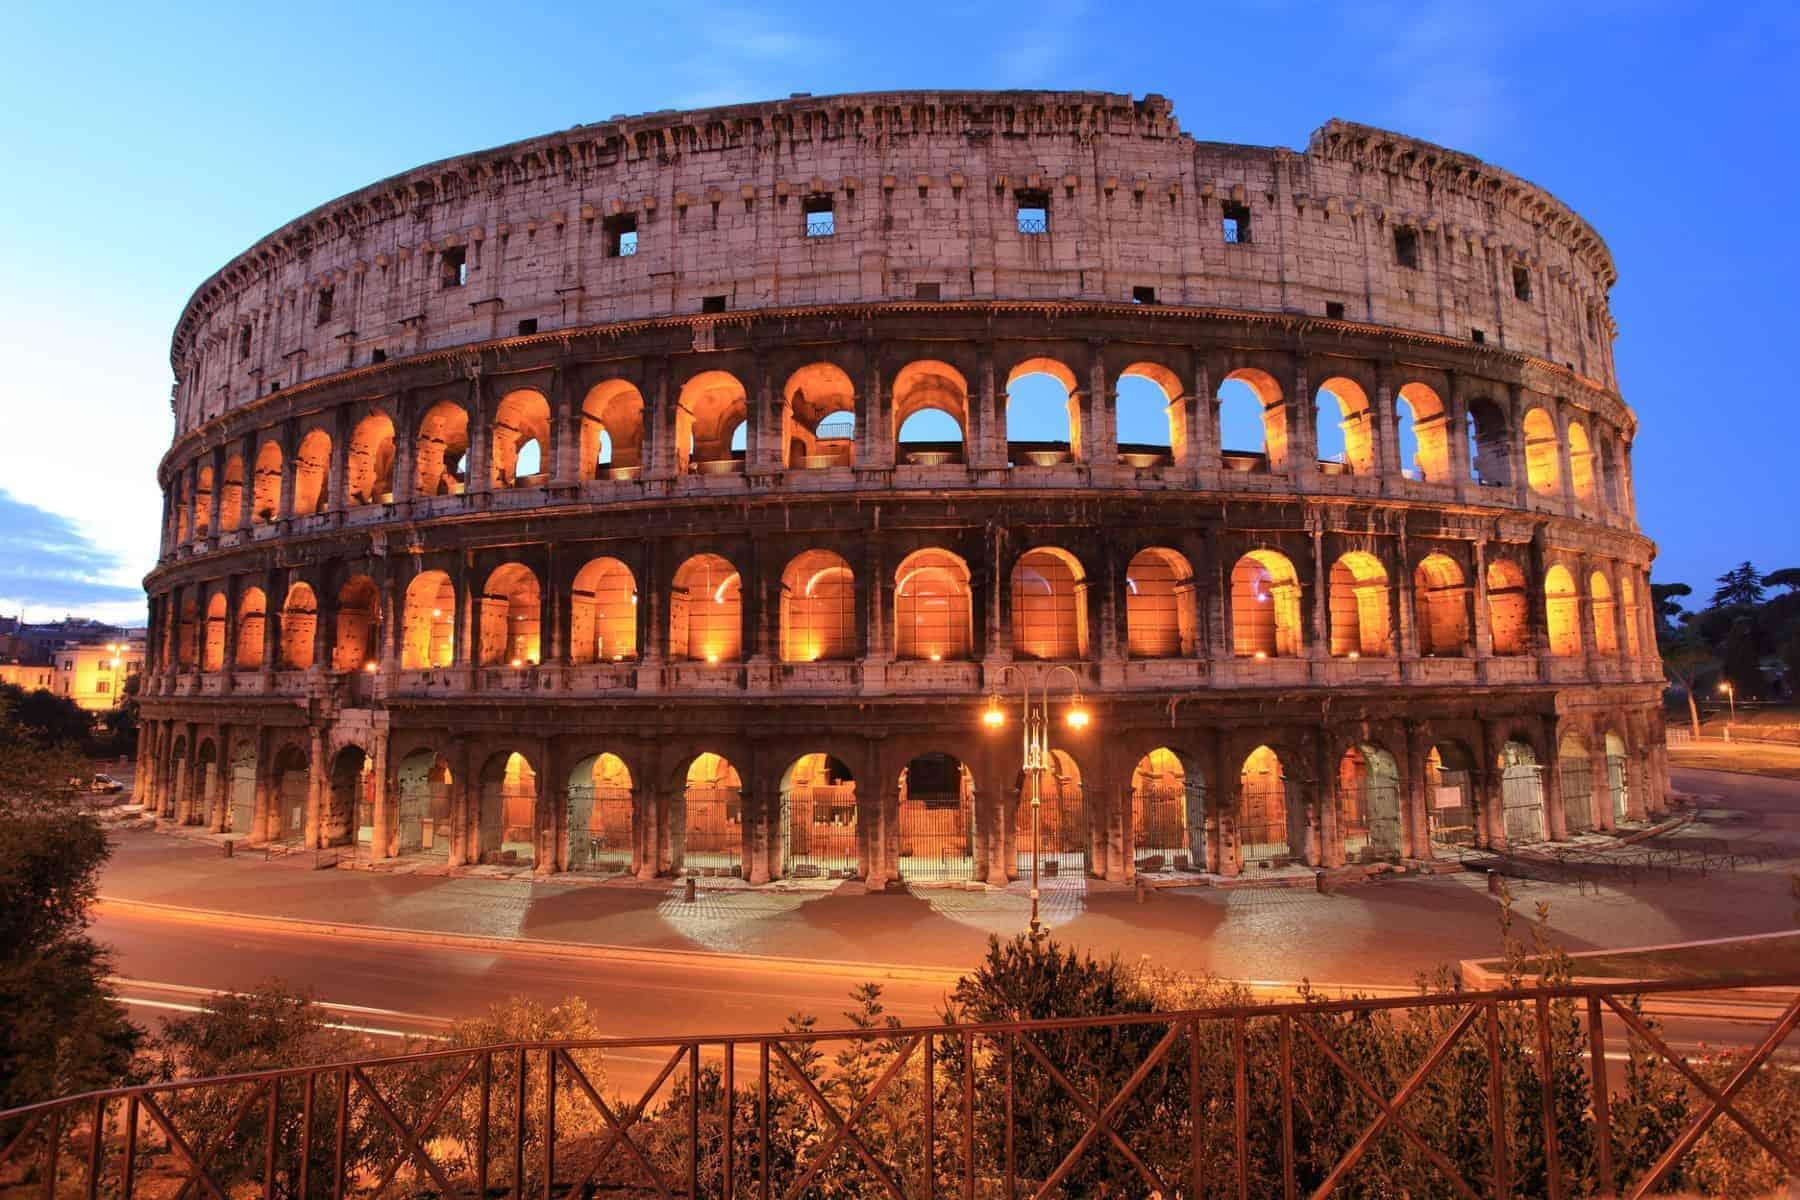 Colosseum, Europas berømte bud på verdens syv vidundere